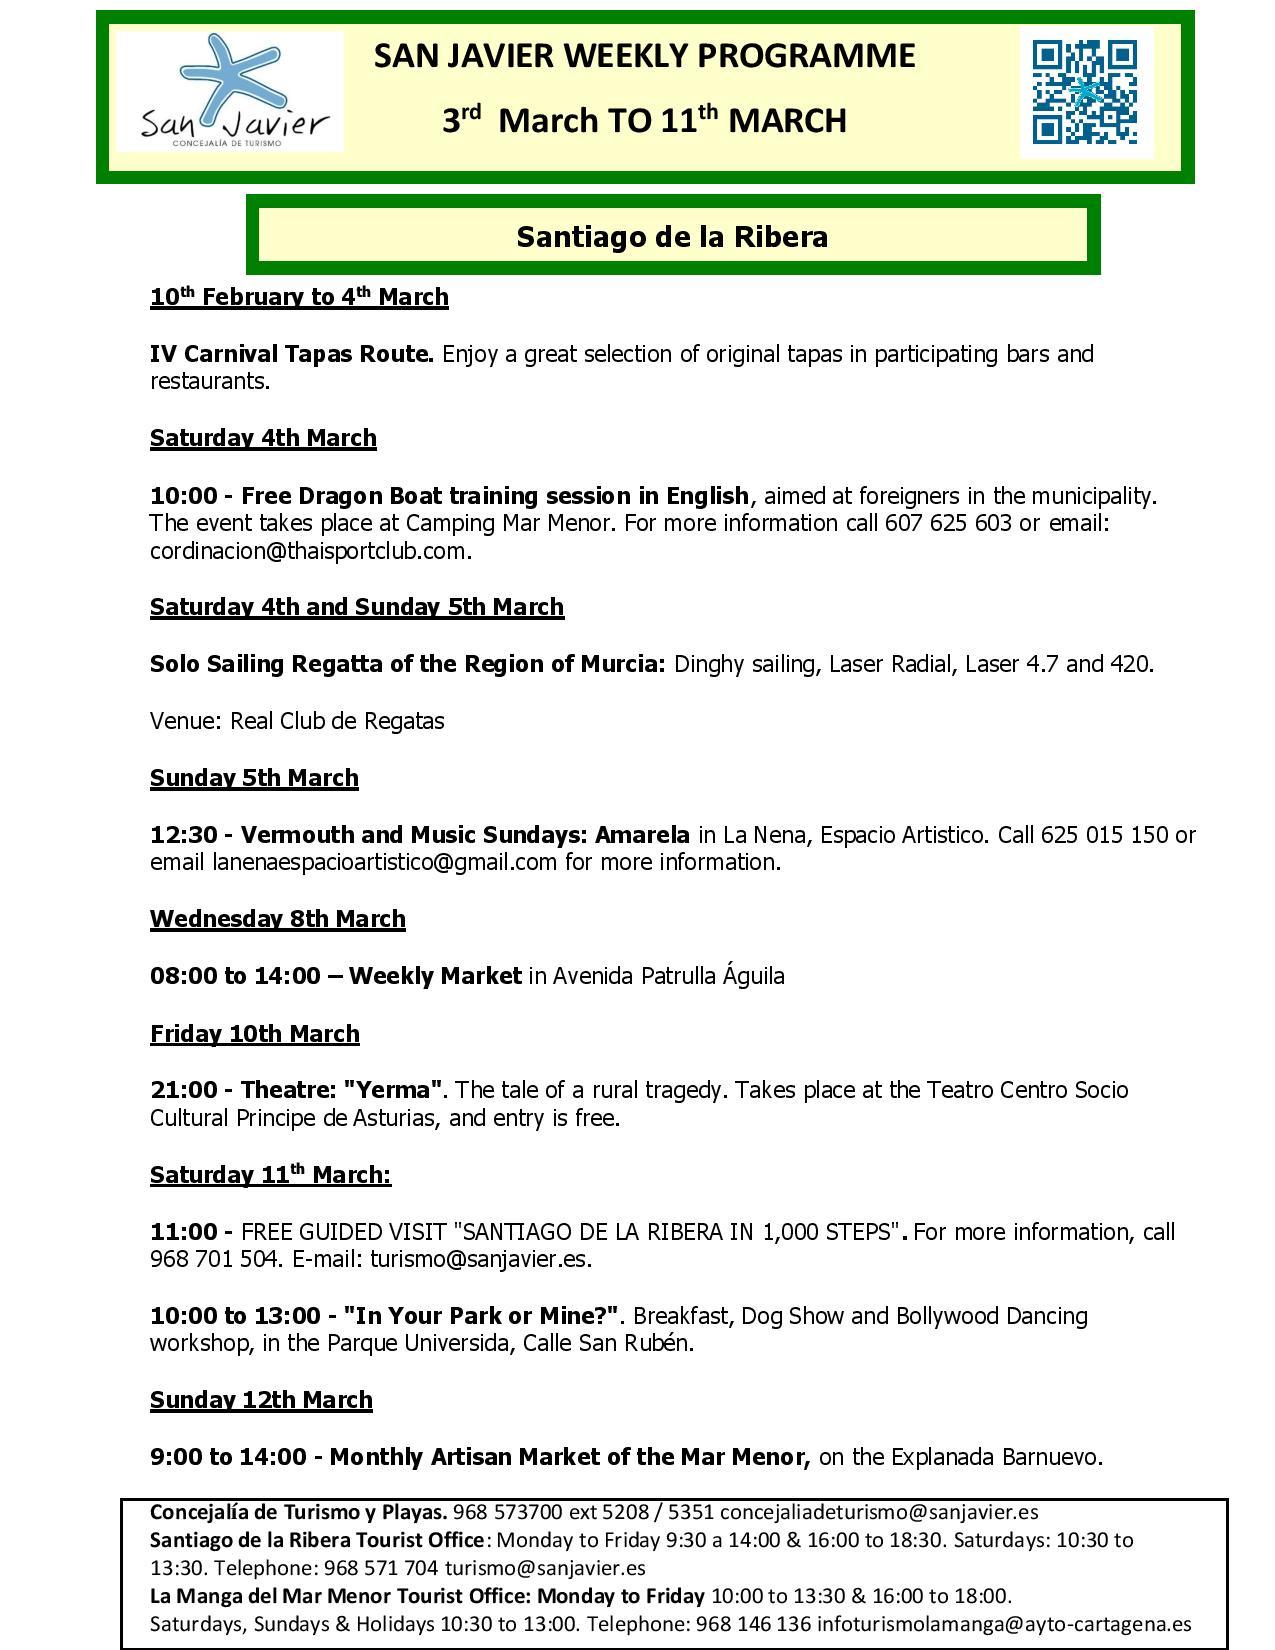 Del 3 al 11 de marzo ingles-page-001